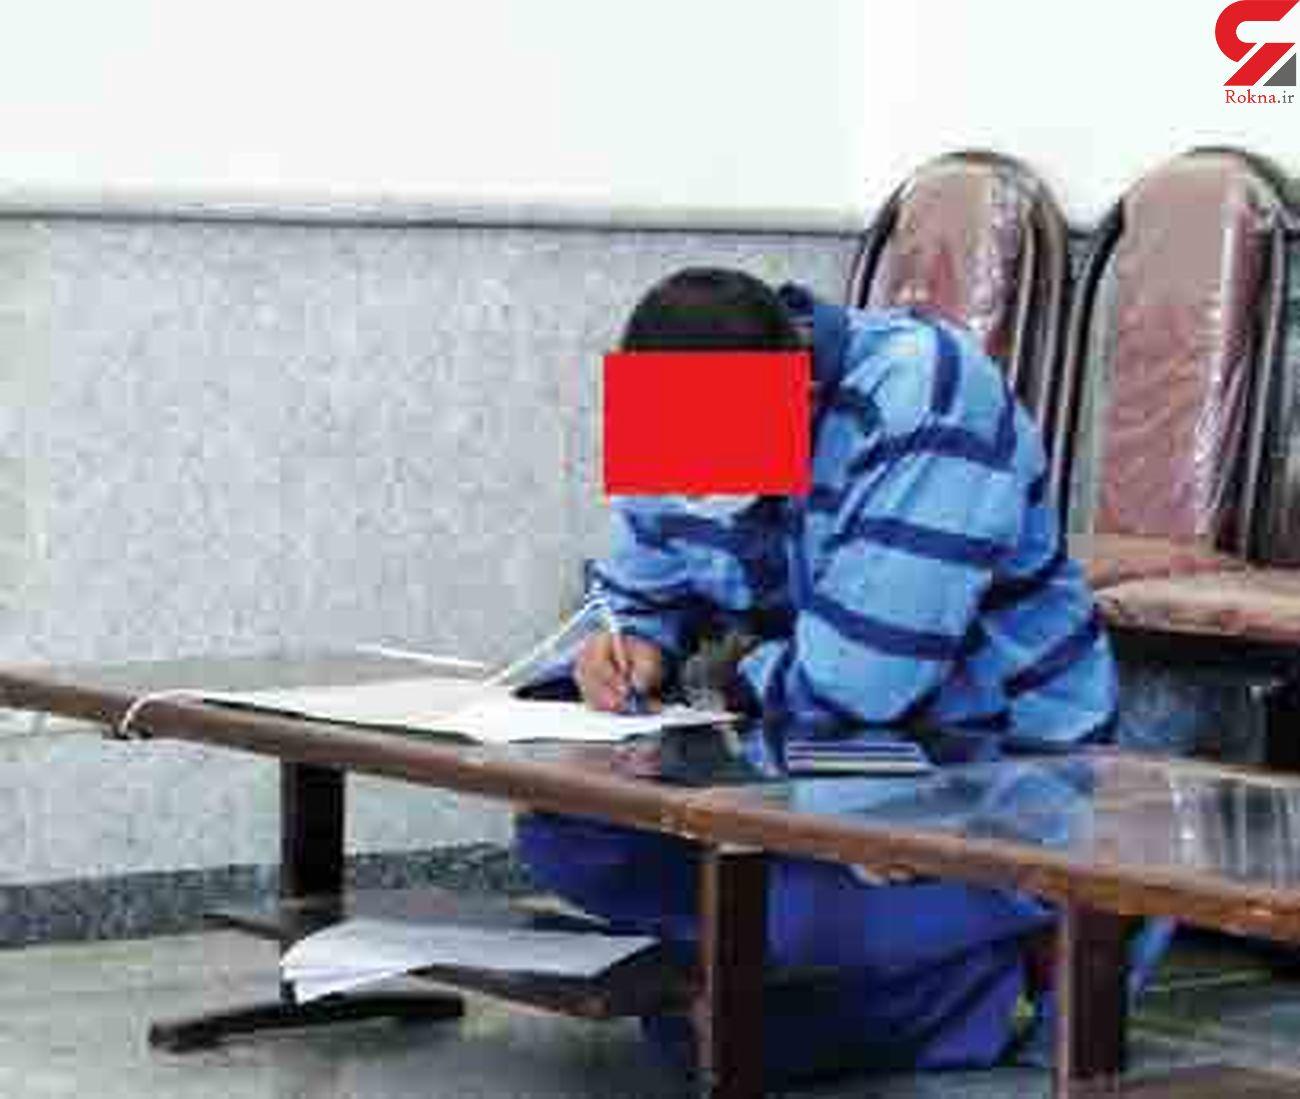 مرگ مرموز دختر تهرانی در خانه مجردیاش